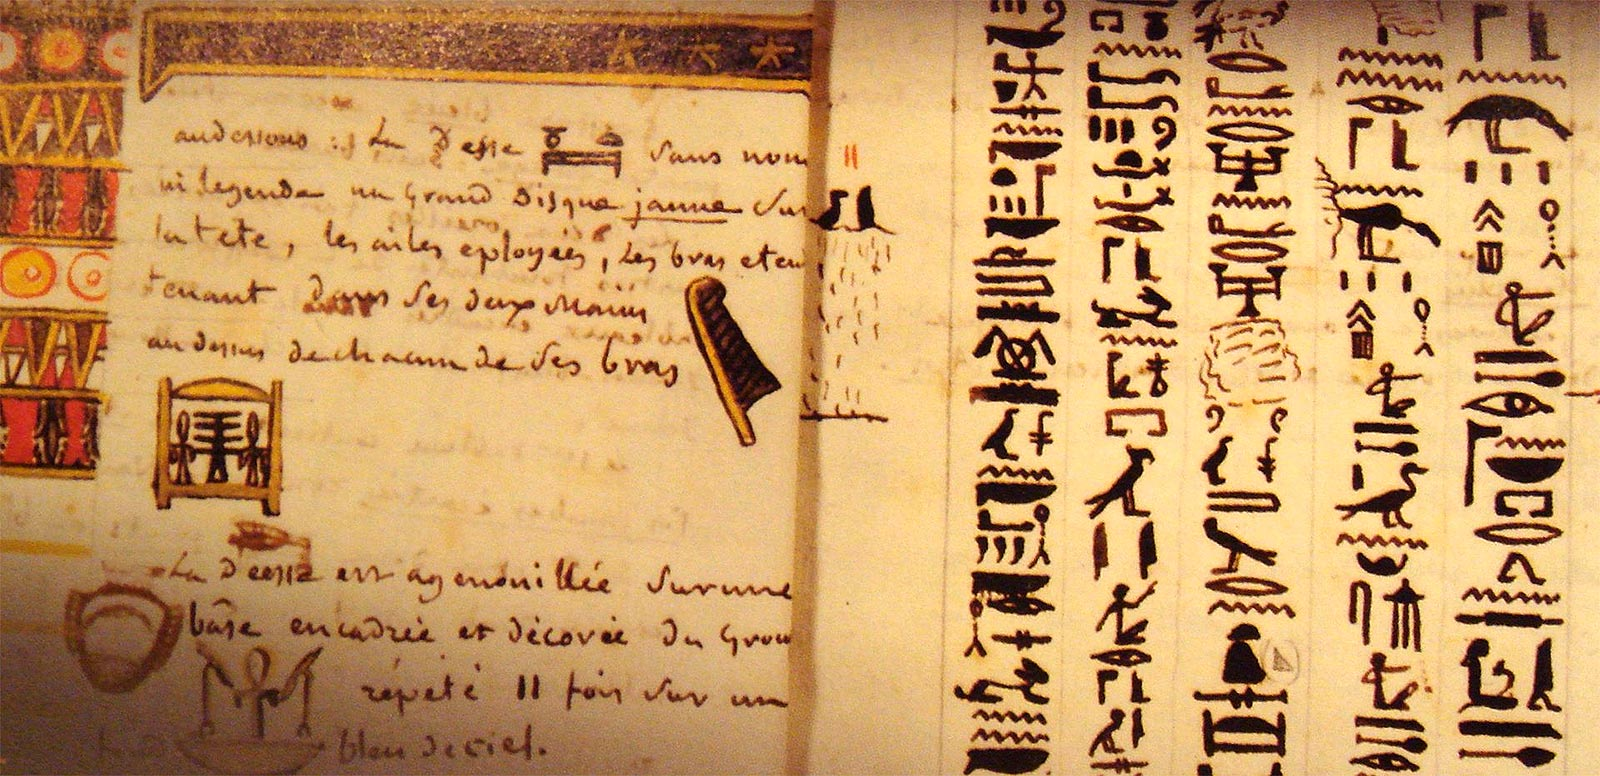 Британия, древняя рукопись, Древний Египет, манускрипт, папирус, библейские рассказы, Библия, легенды